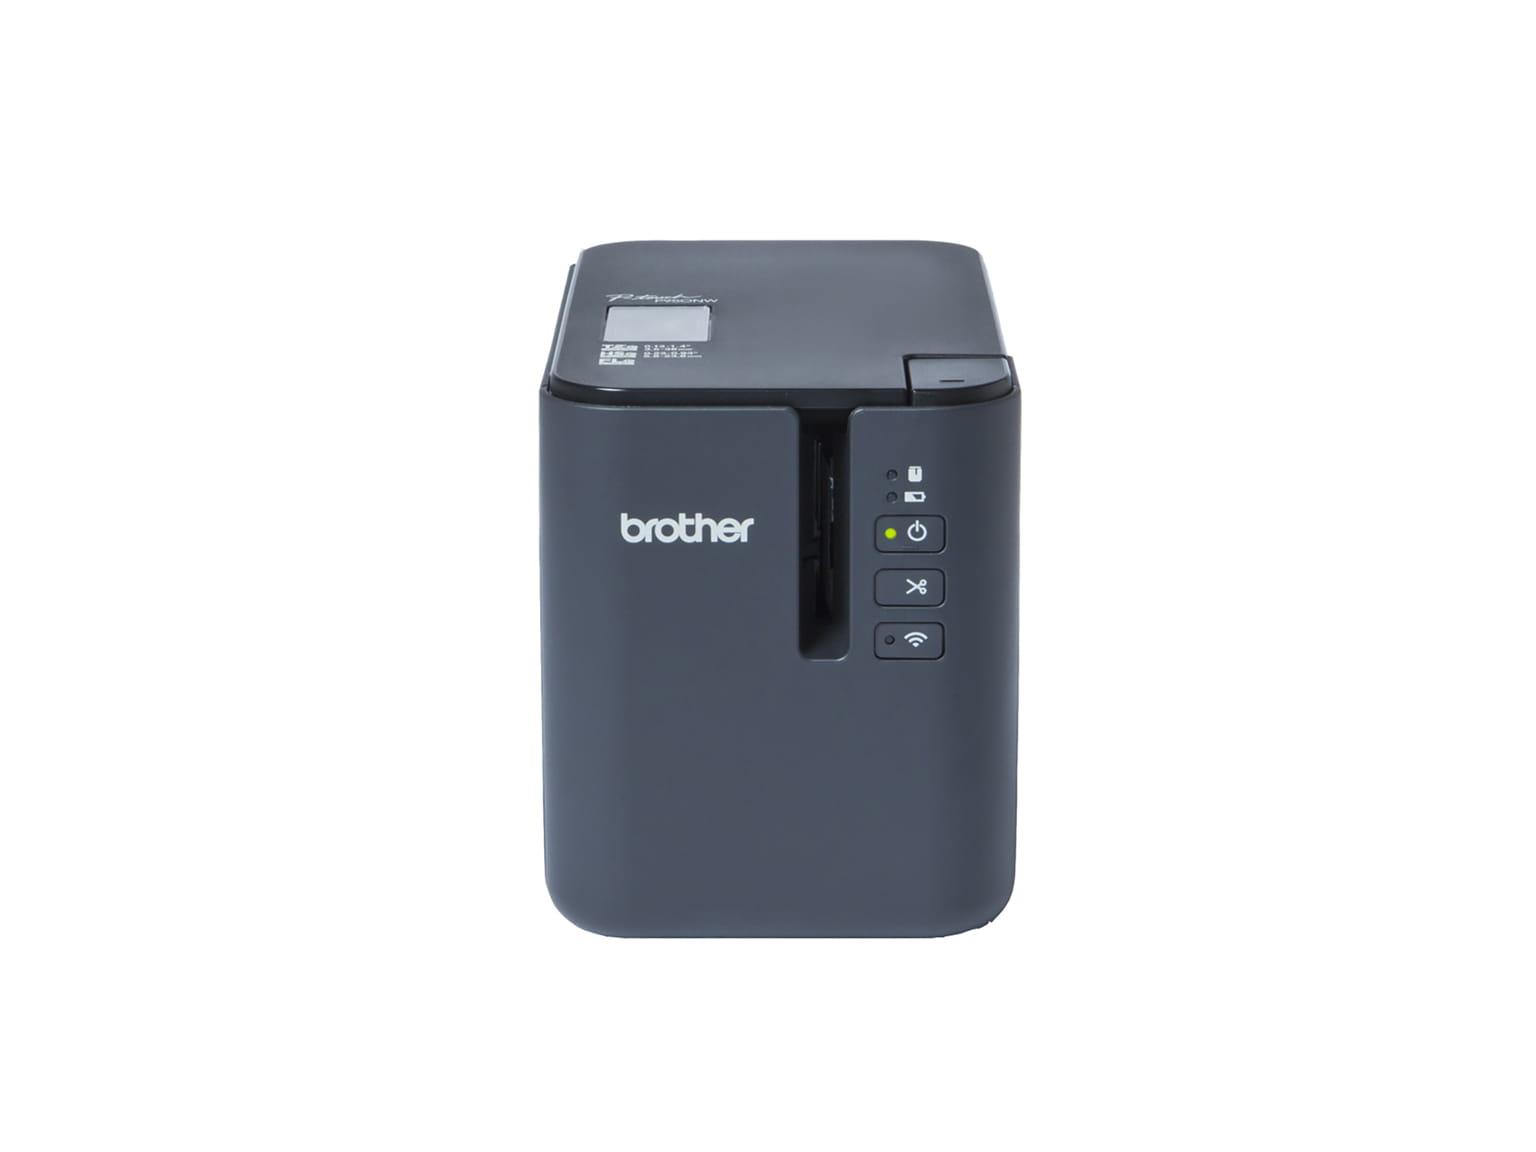 Brother PT-P900 serien etikettskrivere med USB og Wi-Fi og kablet nettverk.